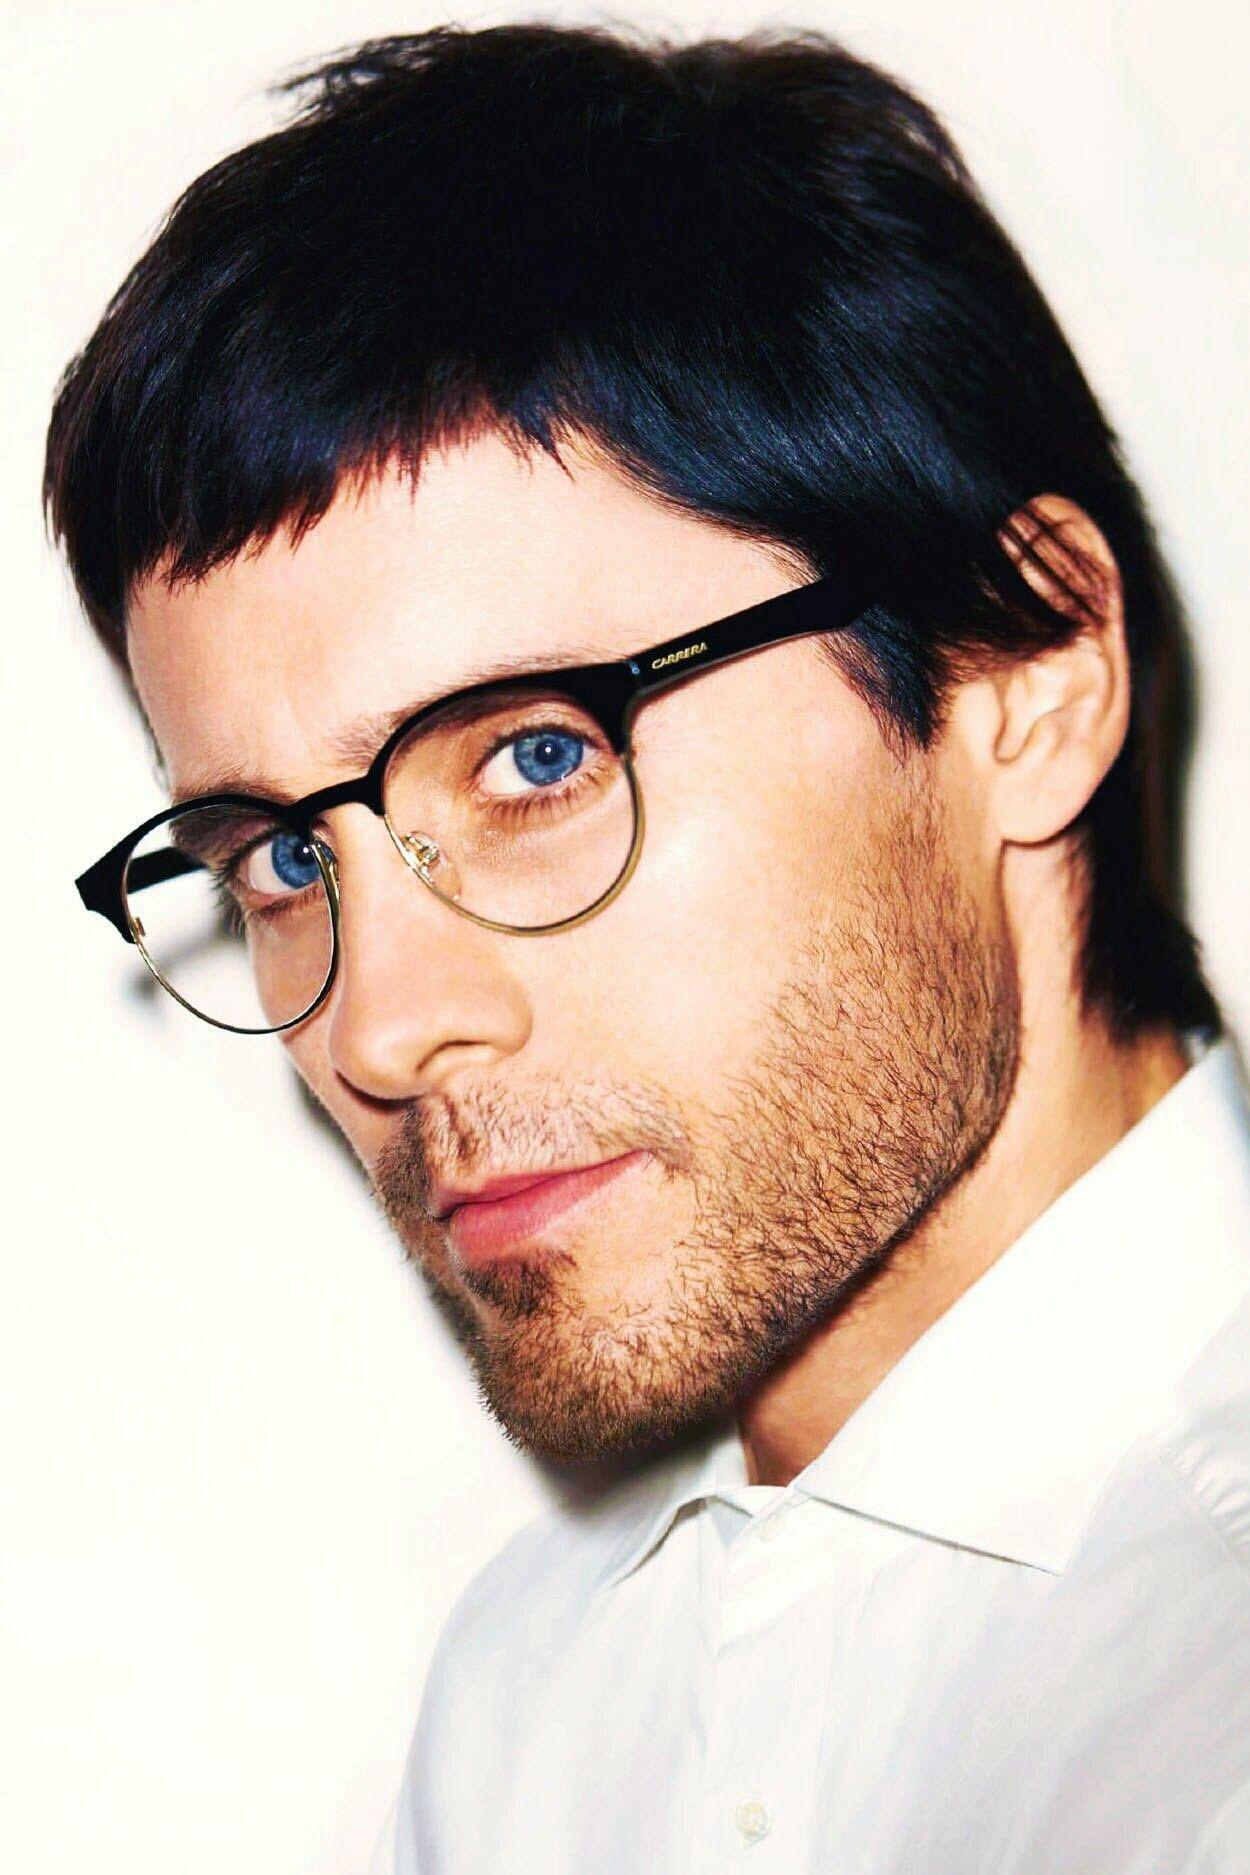 fc26194b3 Jared in glasses... <3 | Jared Leto ❤ in 2019 | Jared leto, Shannon ...